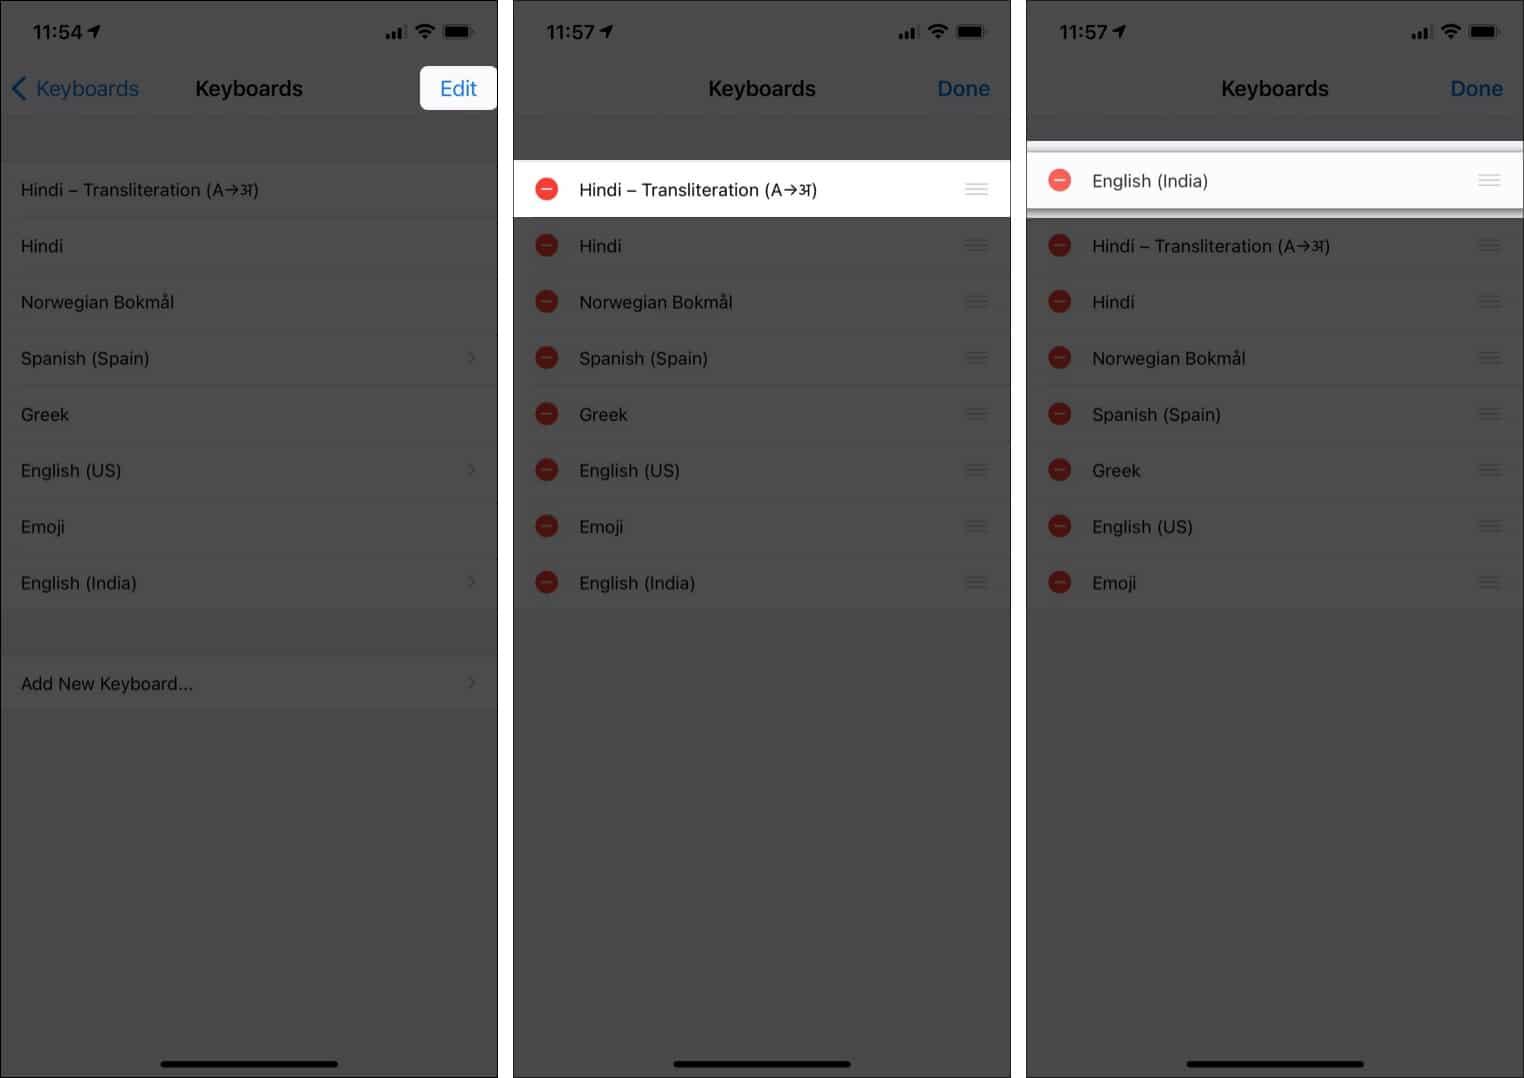 Change default keyboard on iPhone